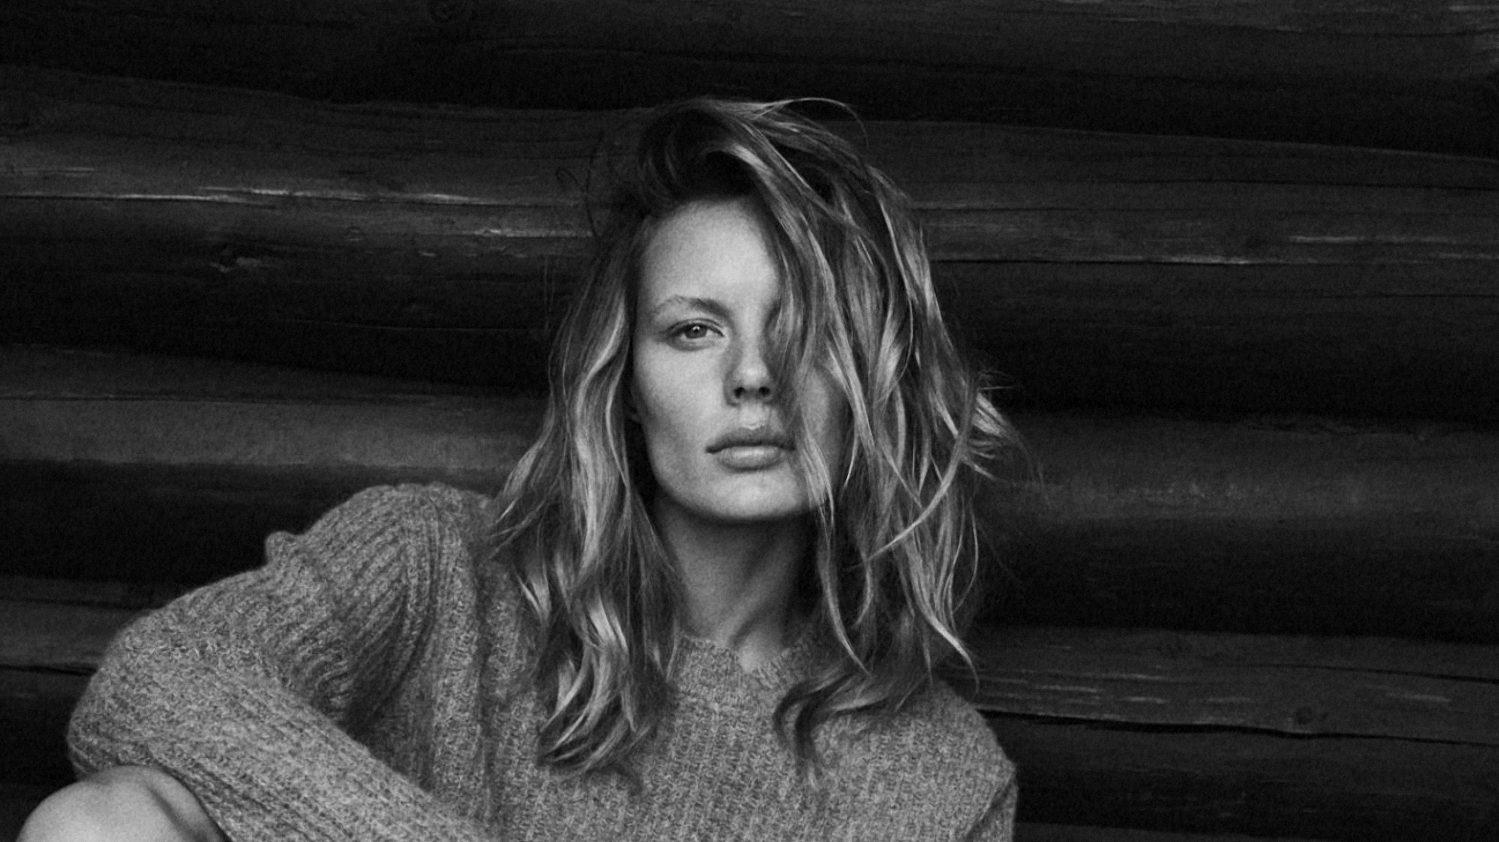 Marlijn Hoek photographed by Sune Czajkowski for Elle Denmark, December 2017